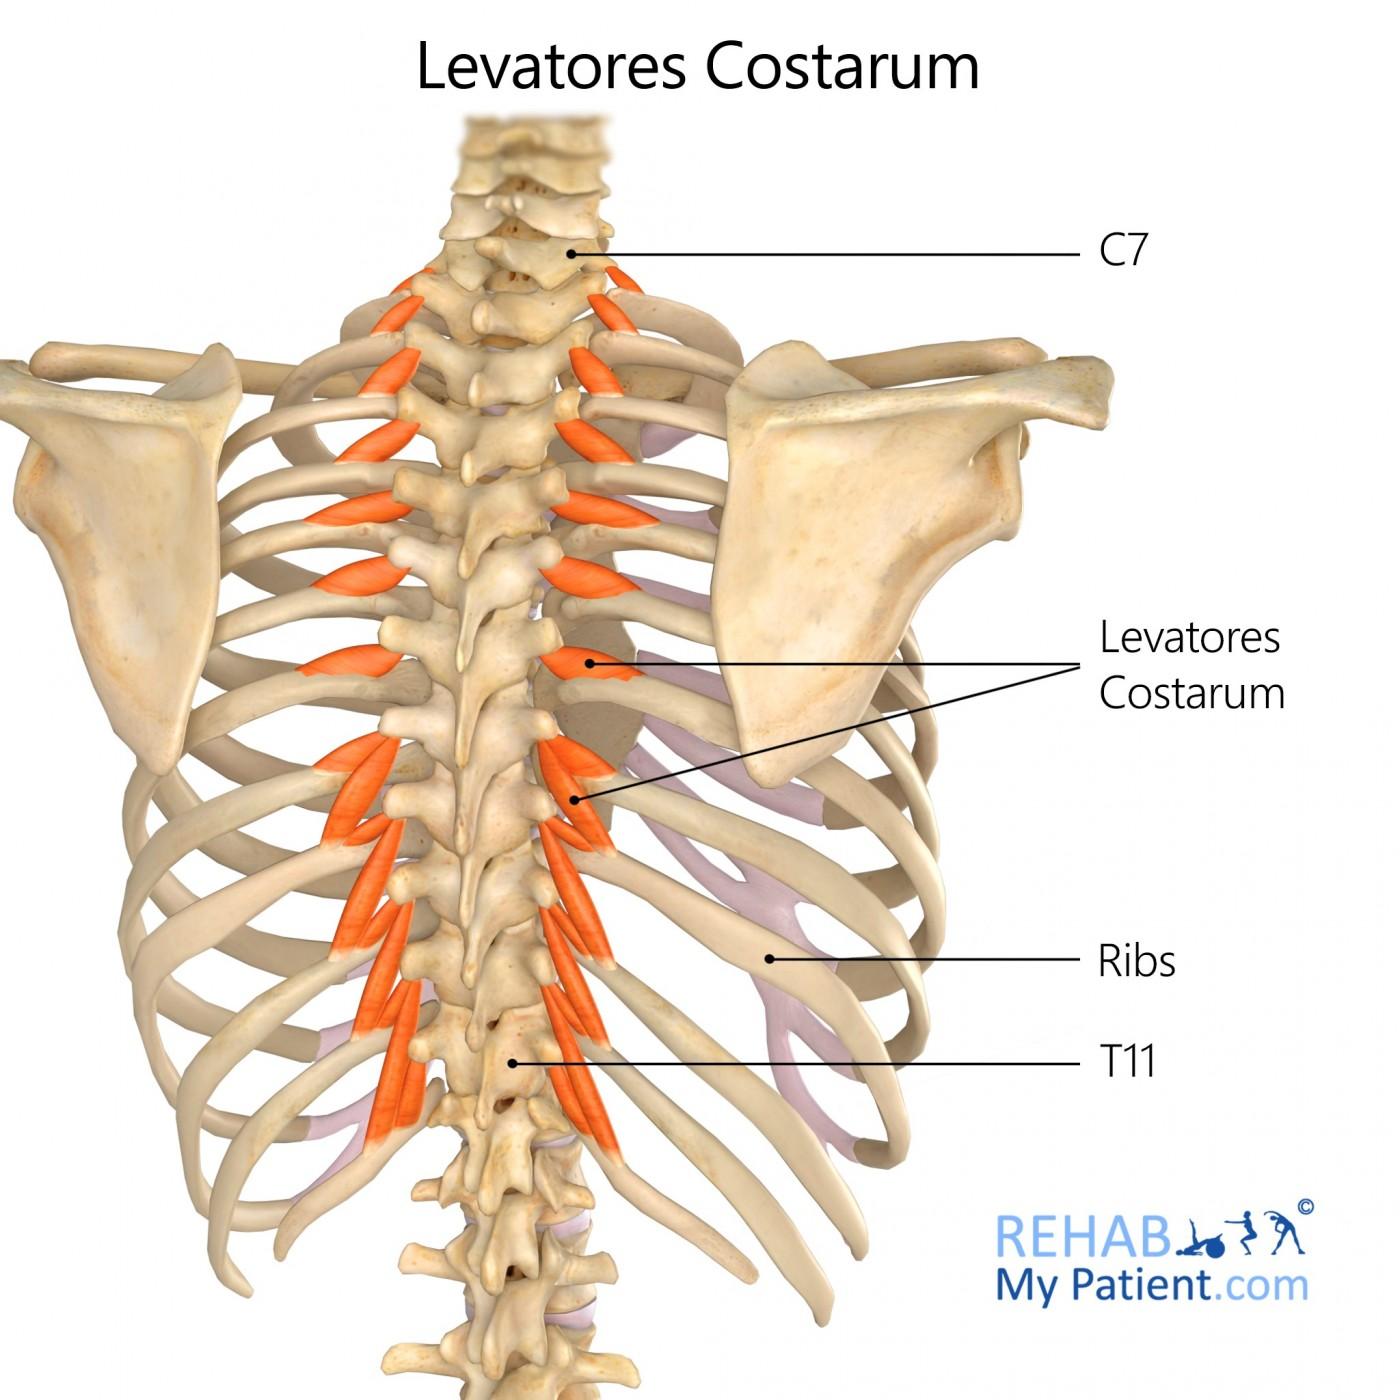 Levatores Costarum